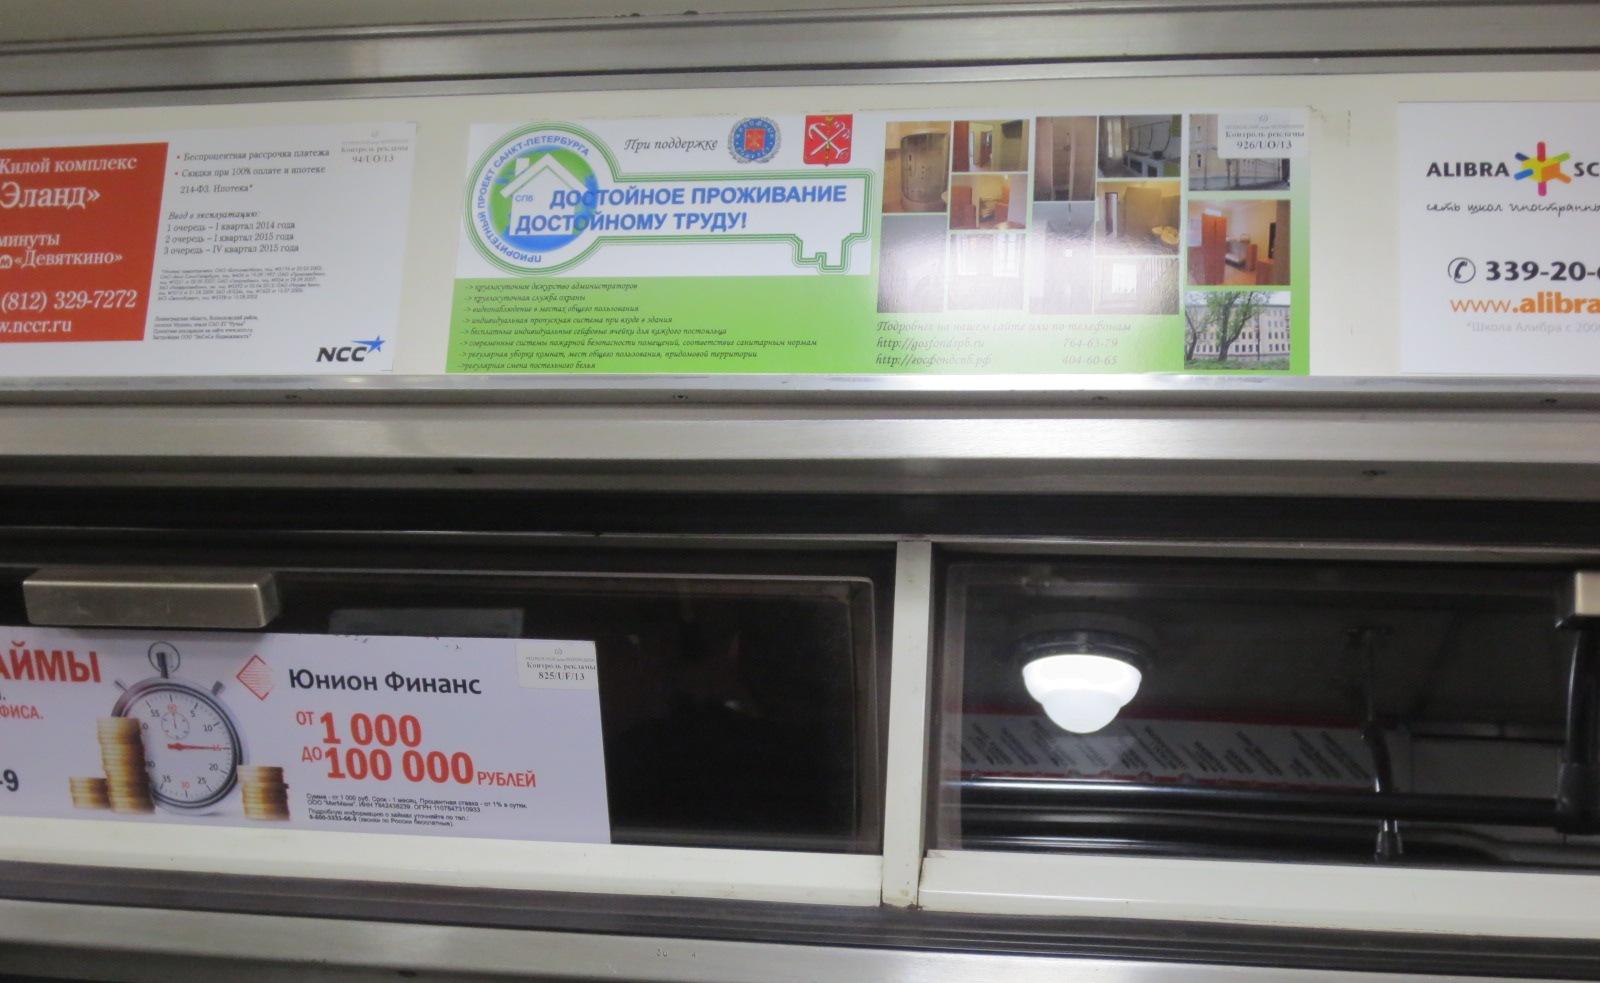 metro 2013